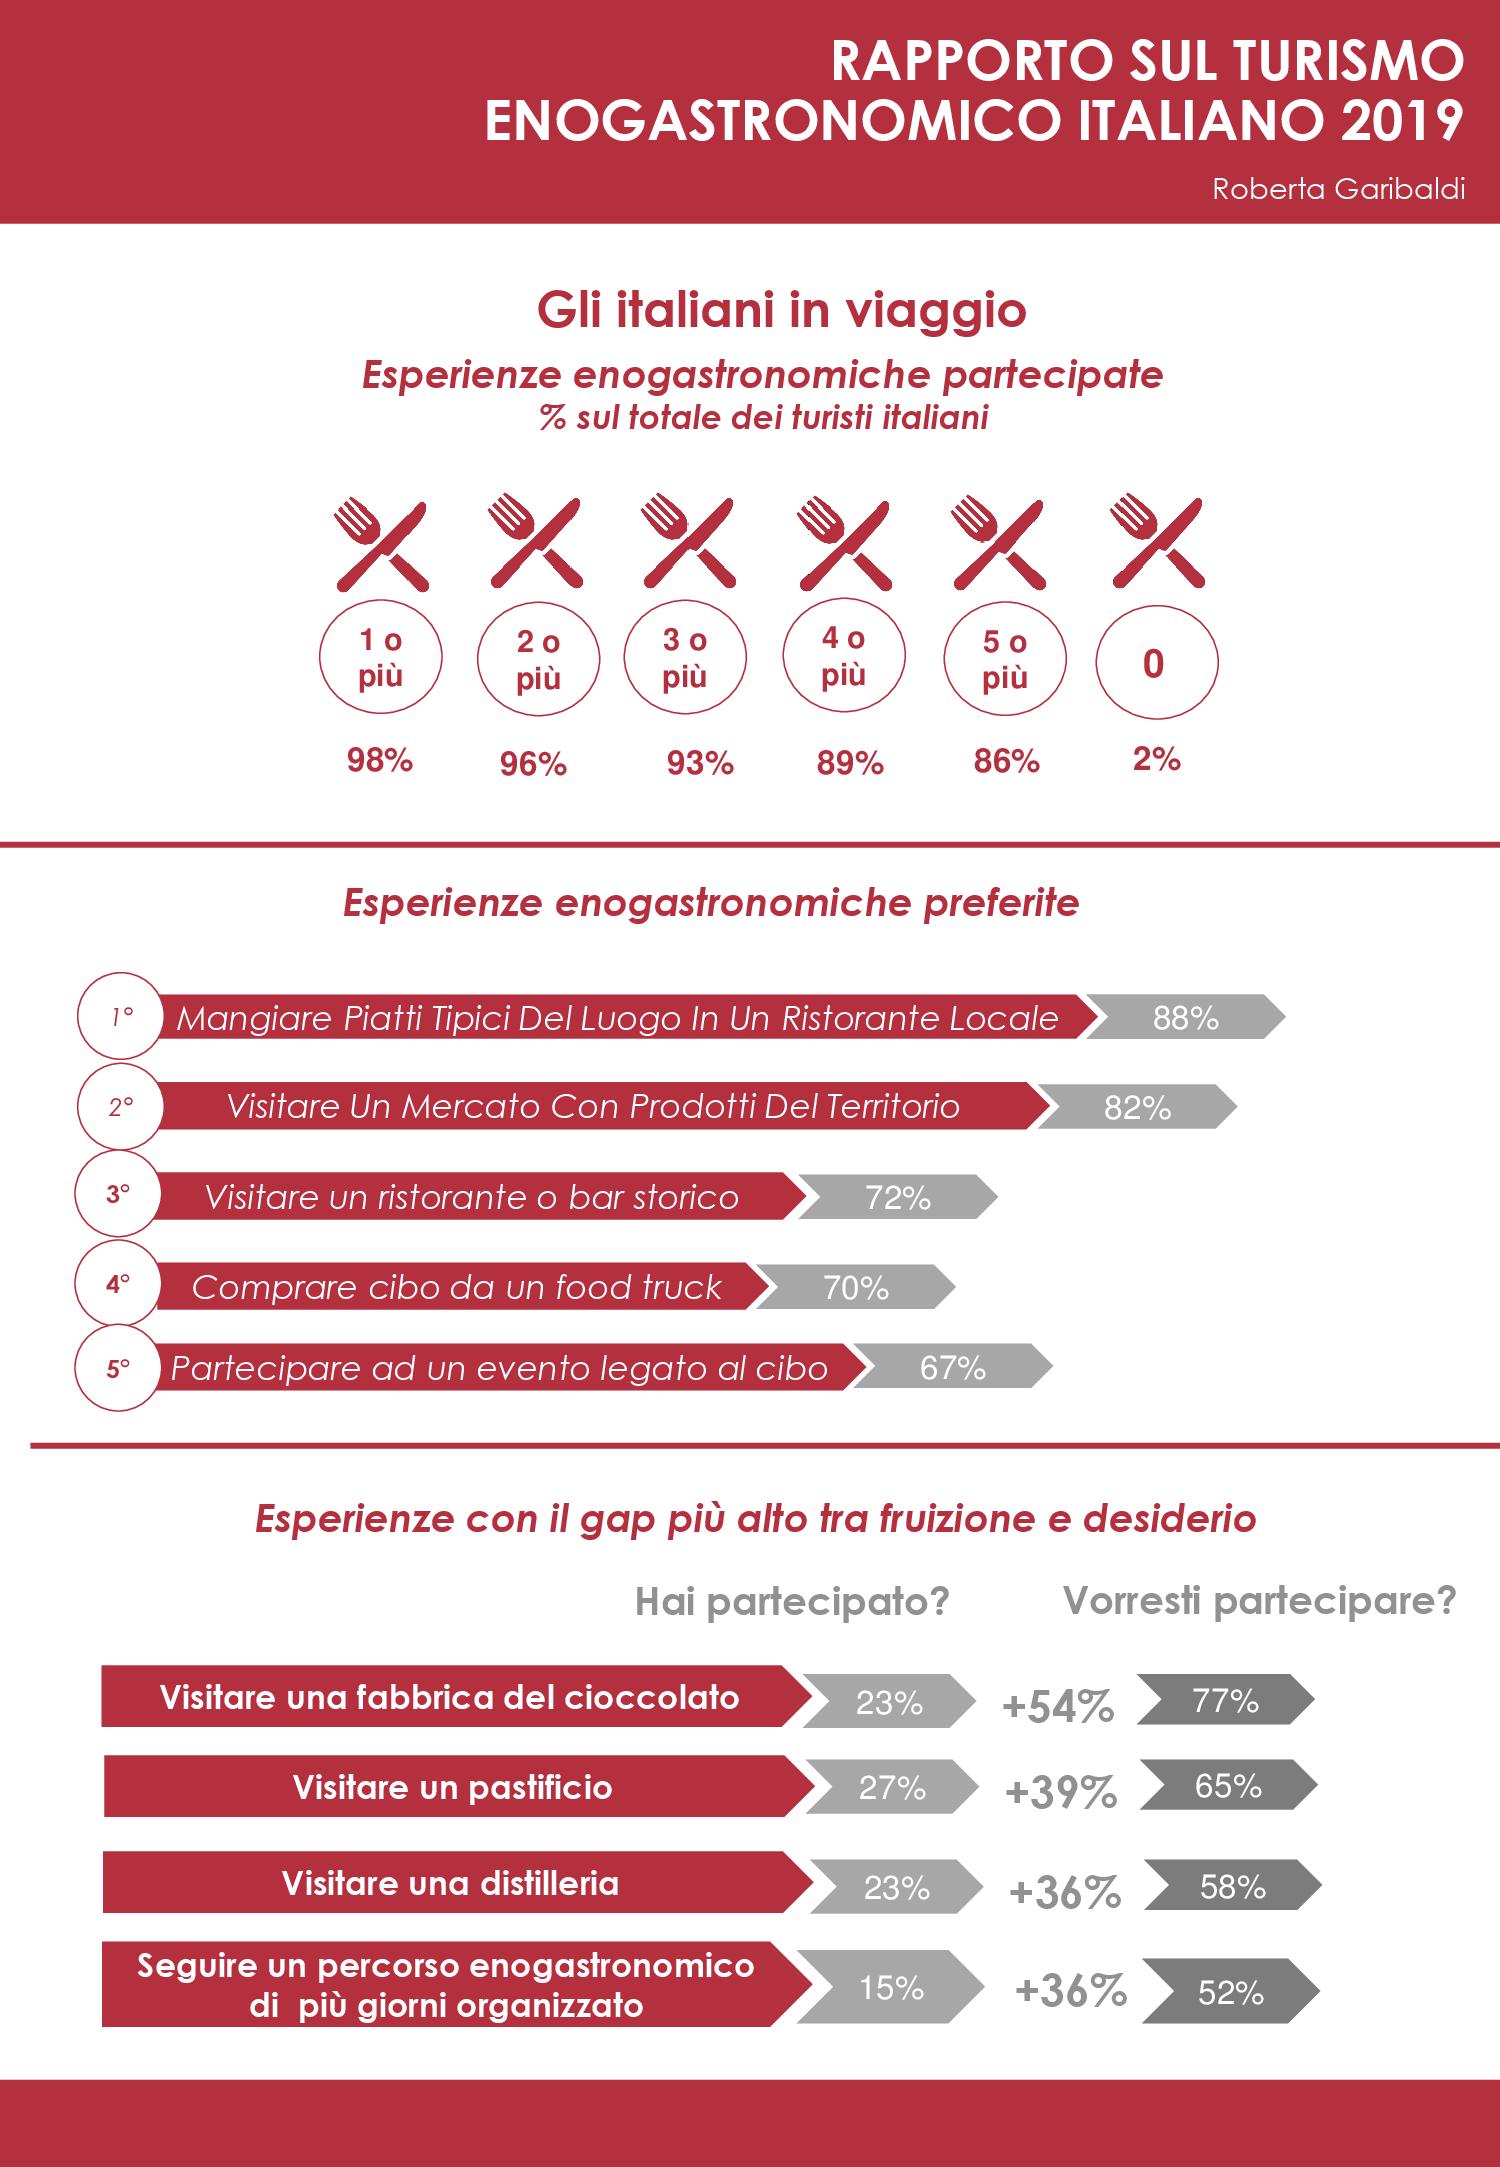 Infografica Rapporto turismo enogastronomico 03